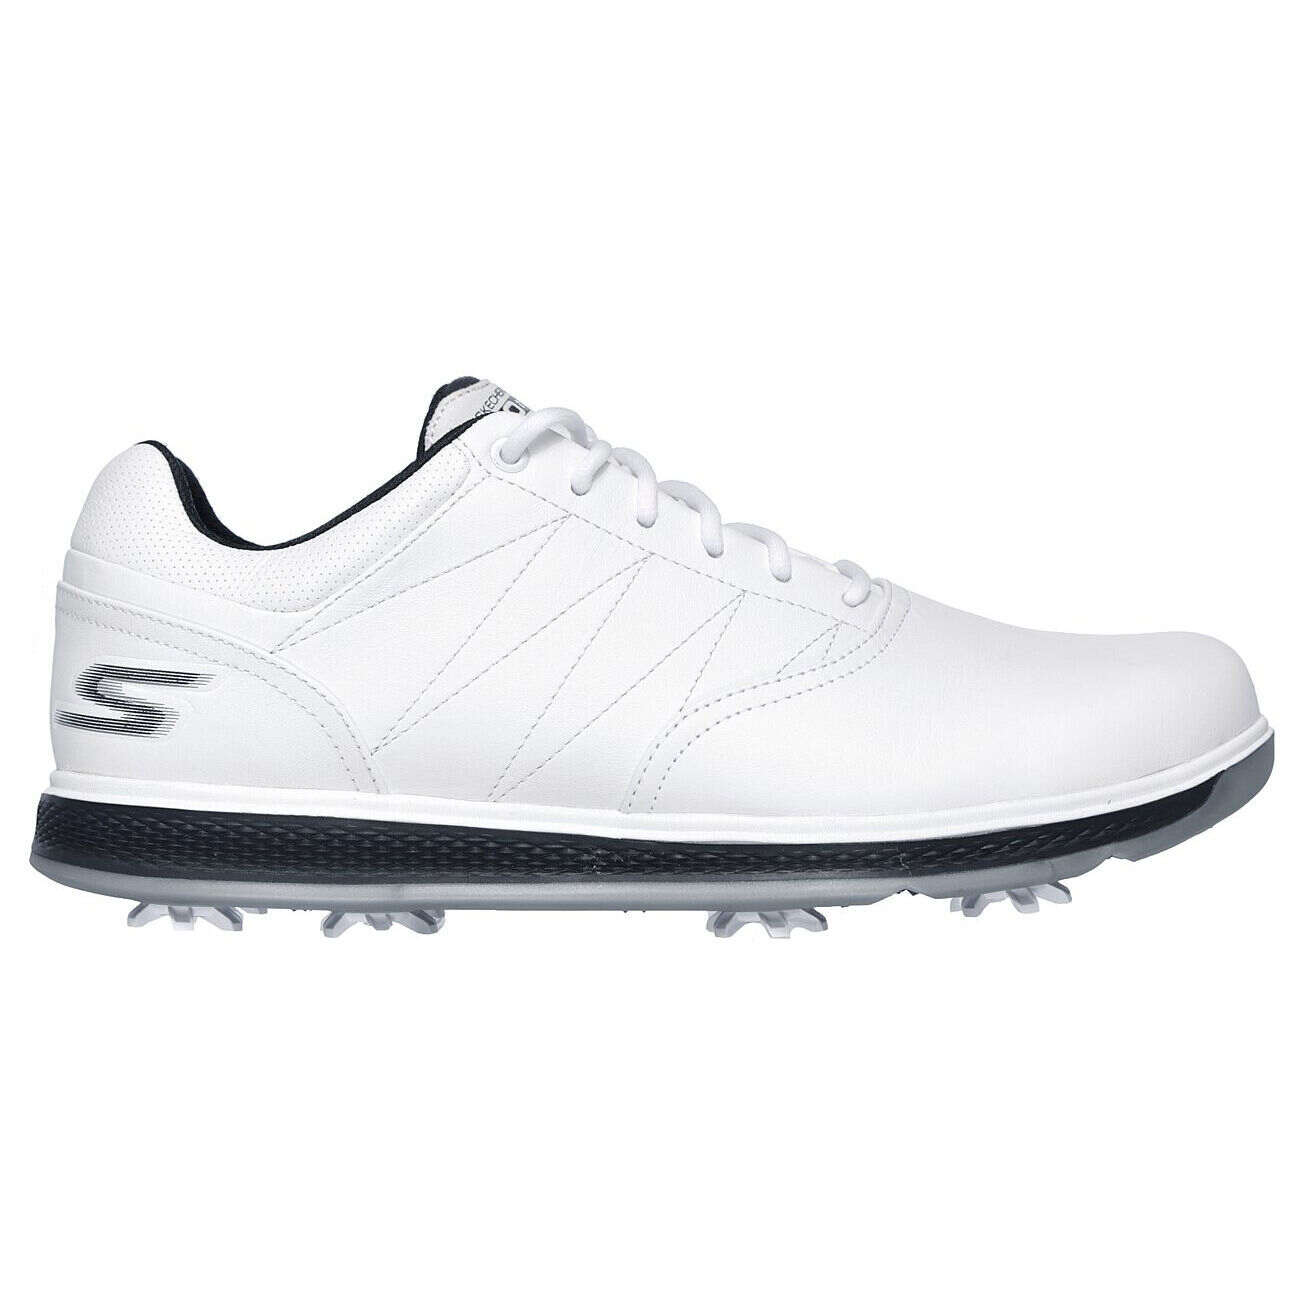 Skechers GO GOLF Pro V.3 Men's Golf